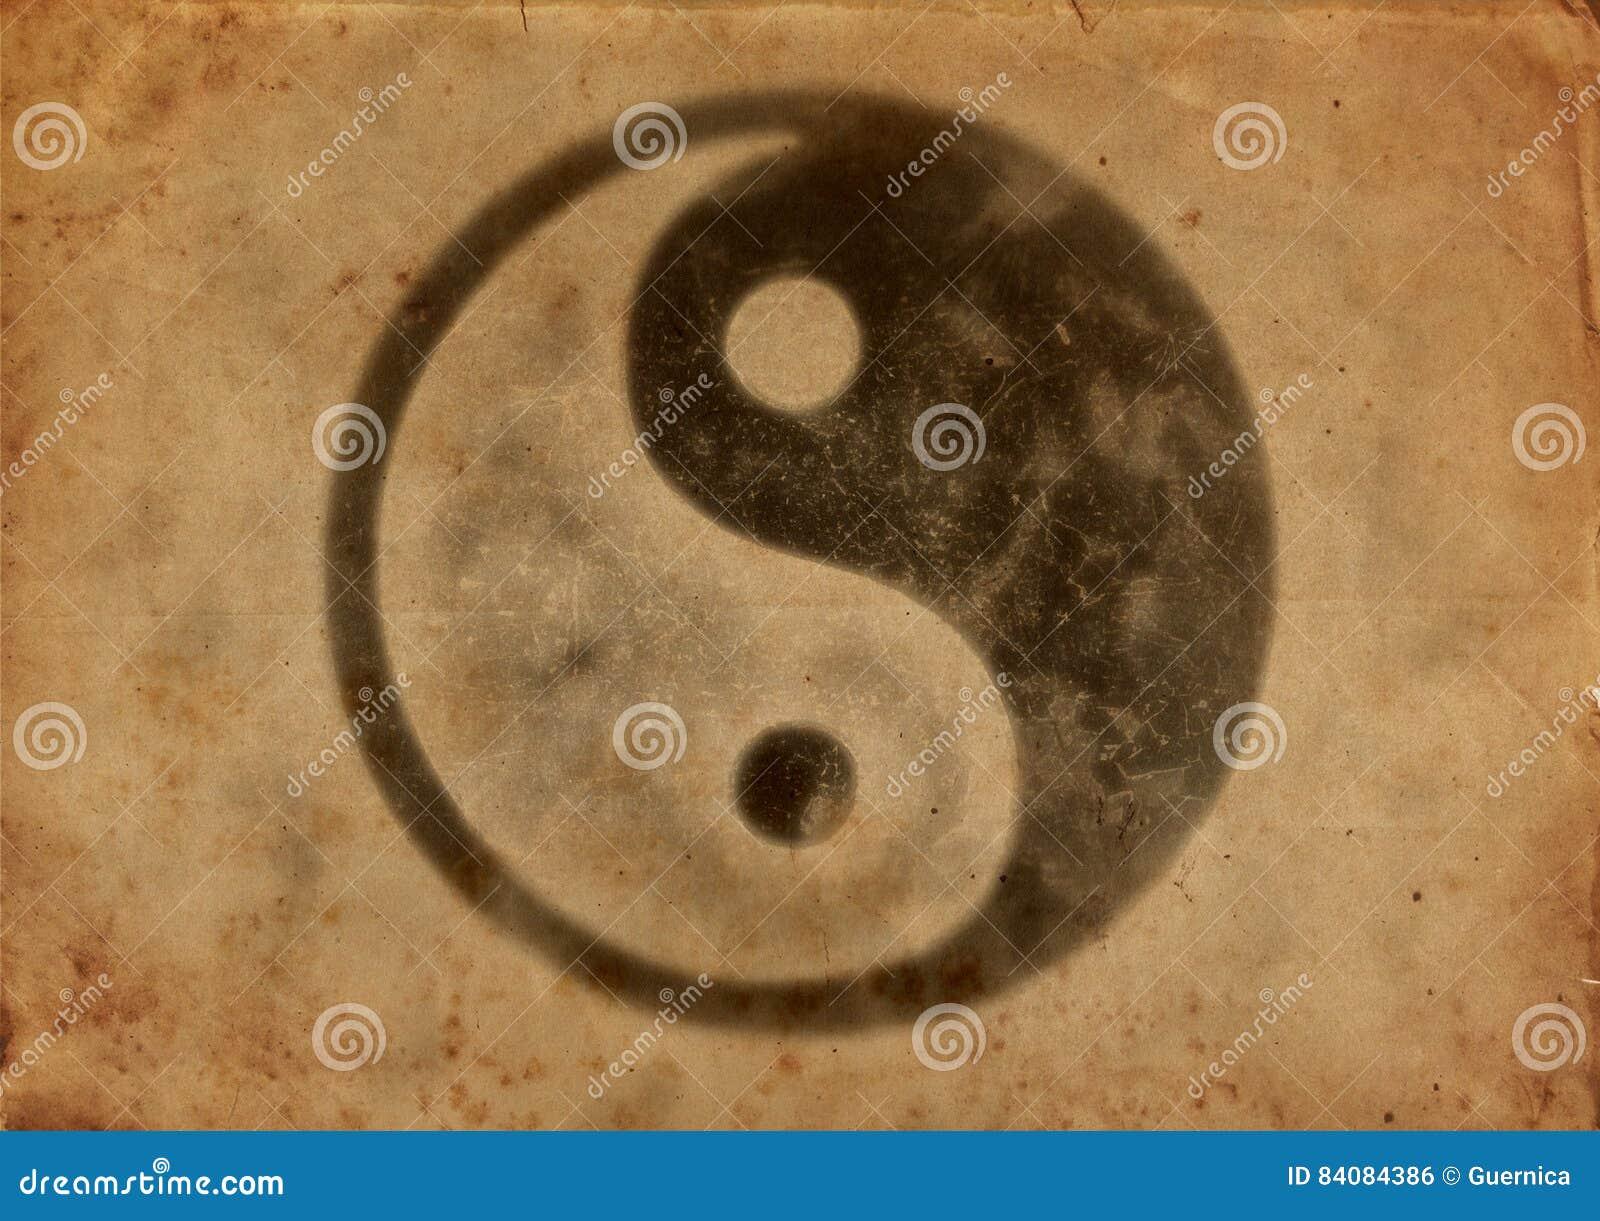 Vecchia carta sporca con il logo di yin yang